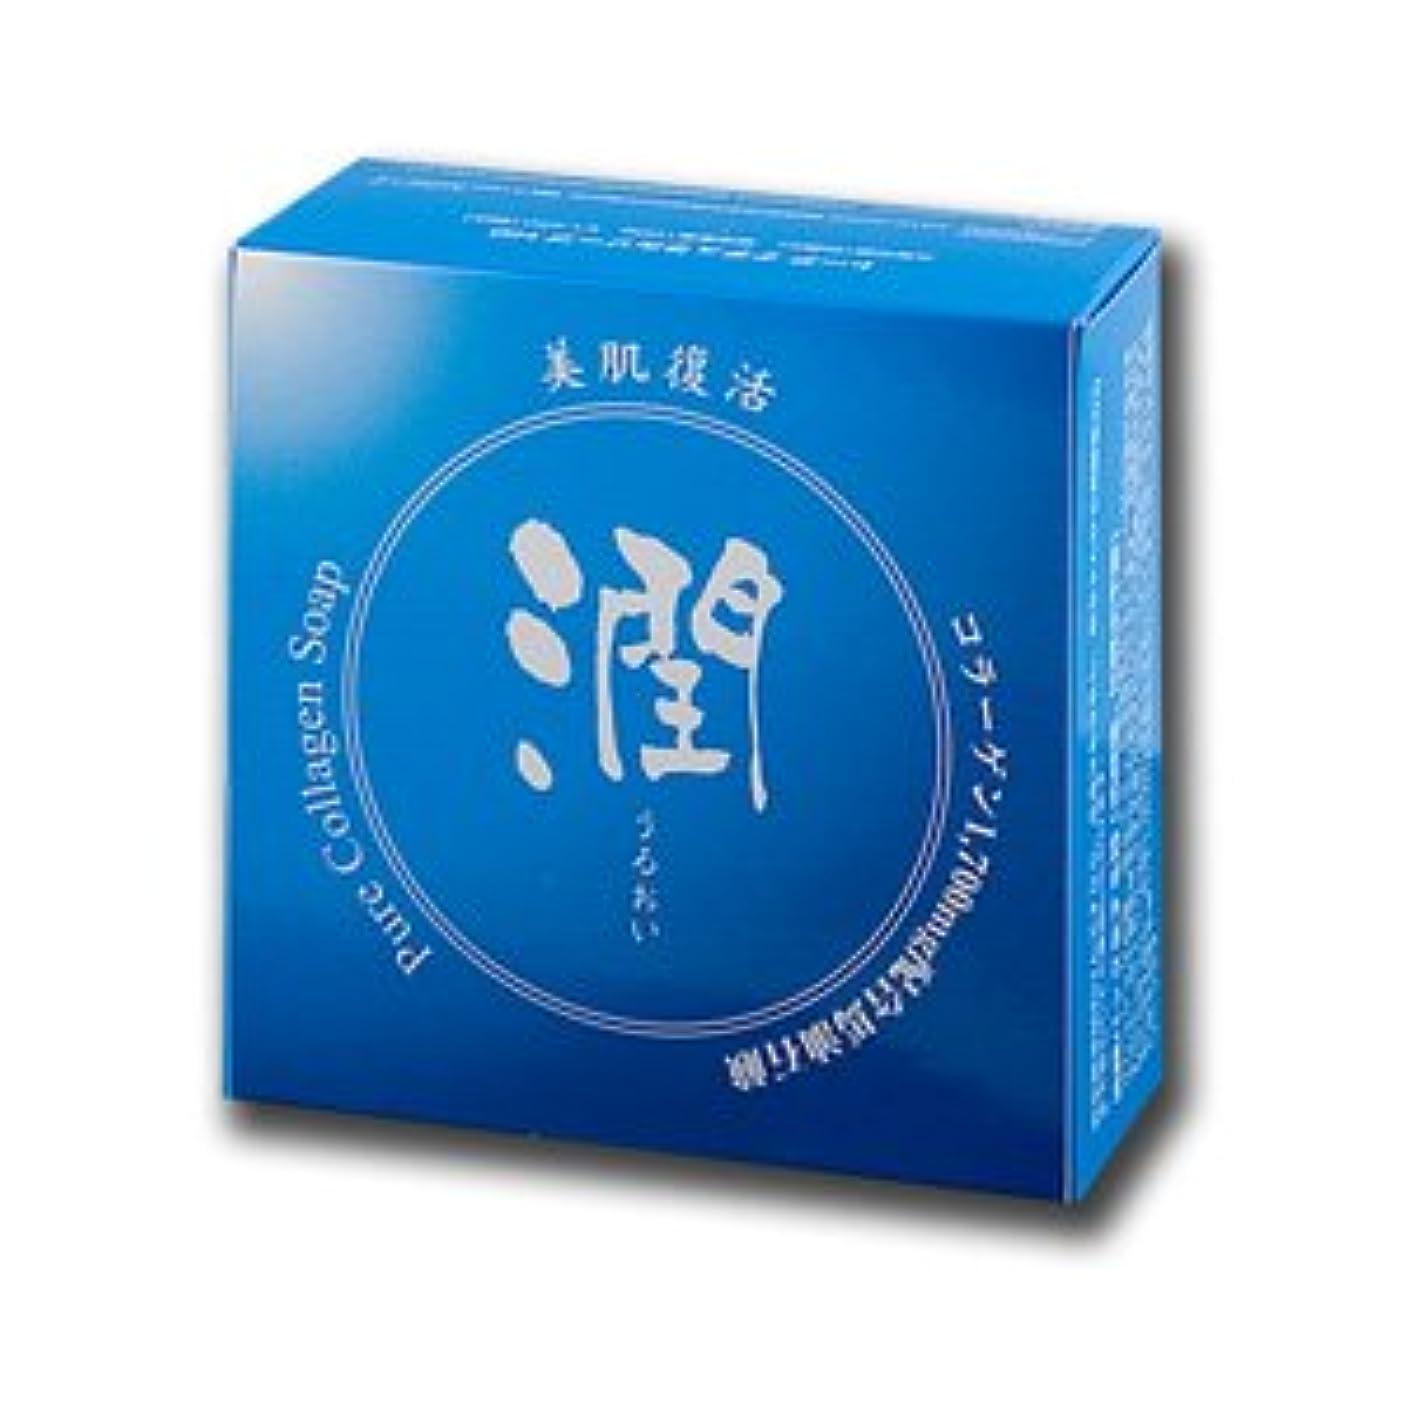 帆週末欠伸コラーゲン馬油石鹸 潤 100g (#800410) ×6個セット